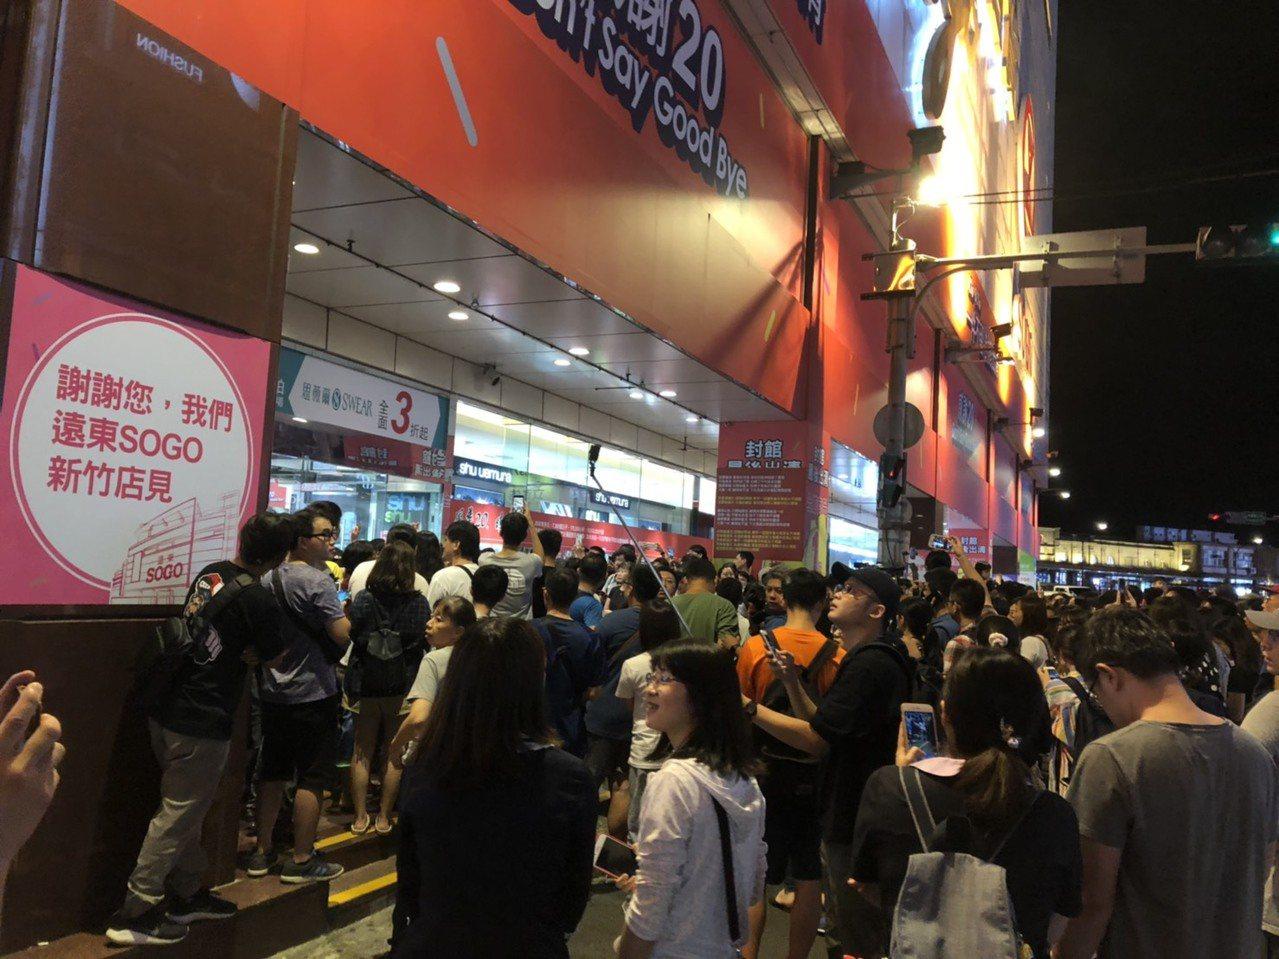 遠東SOGO百貨新竹站前館熄燈,現場人潮爆滿。記者王駿杰/攝影